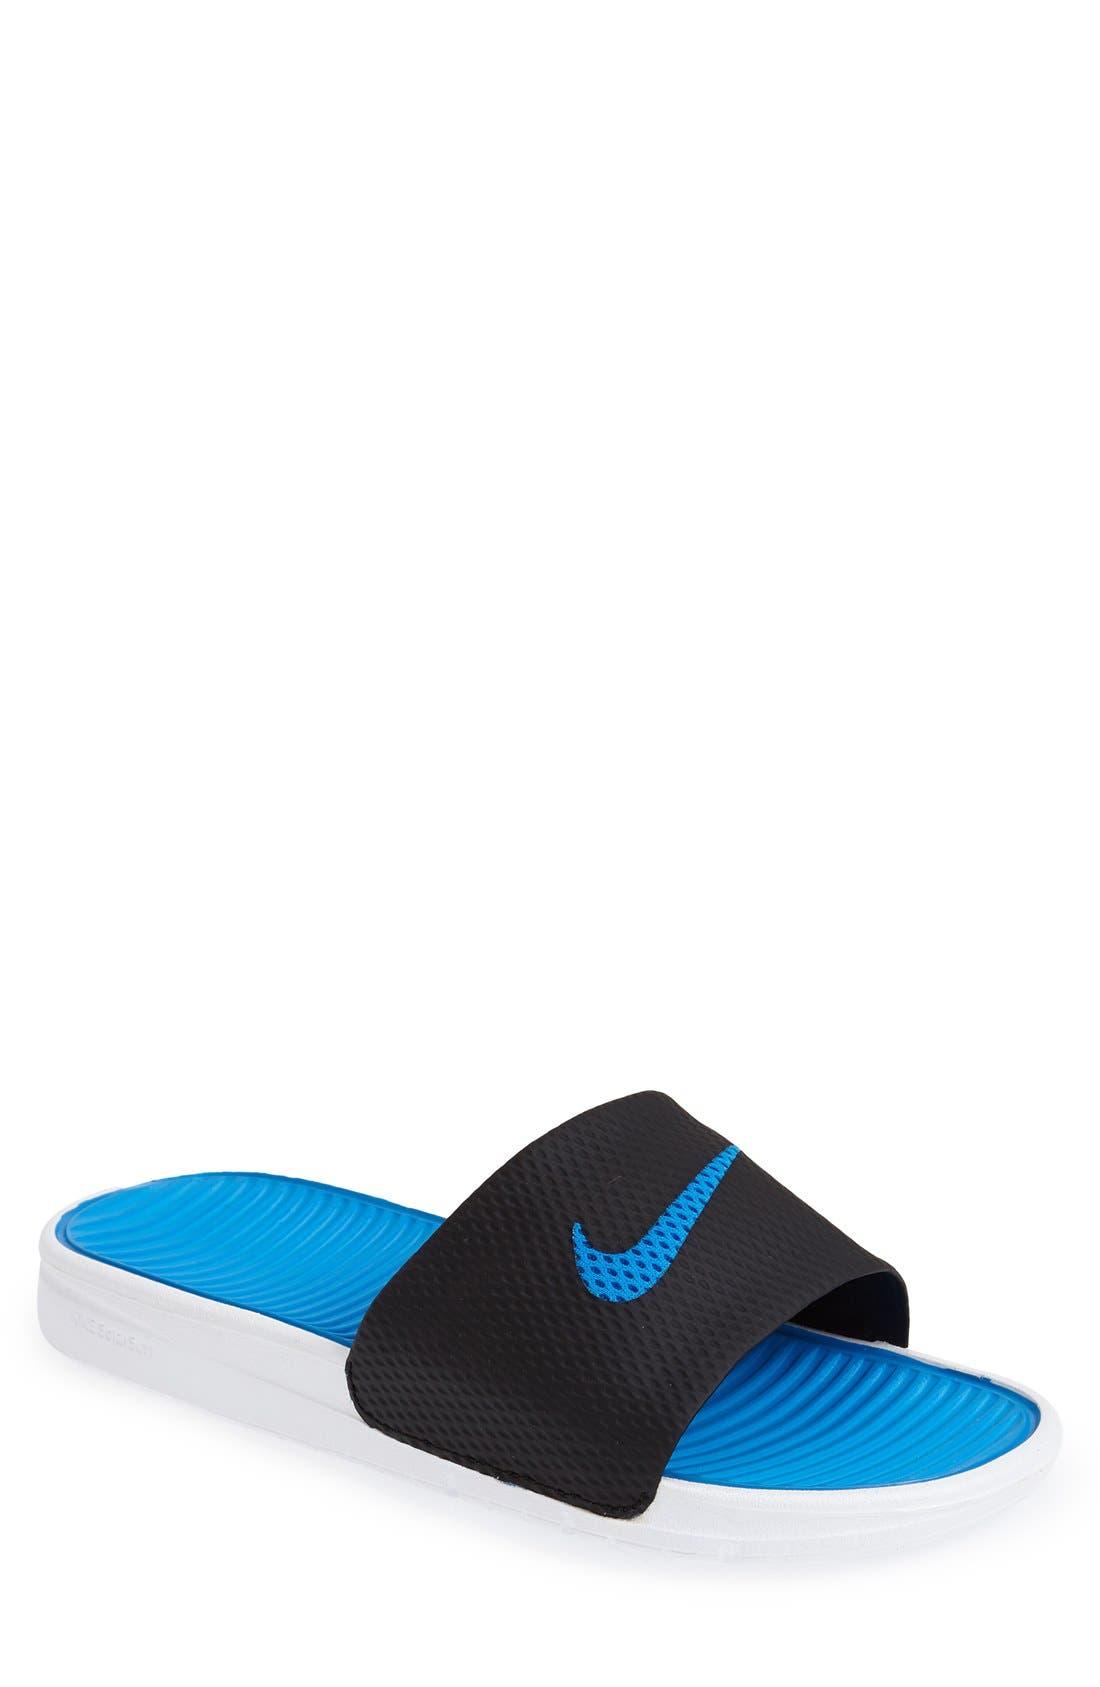 Alternate Image 1 Selected - Nike 'Benassi Solarsoft' Slide